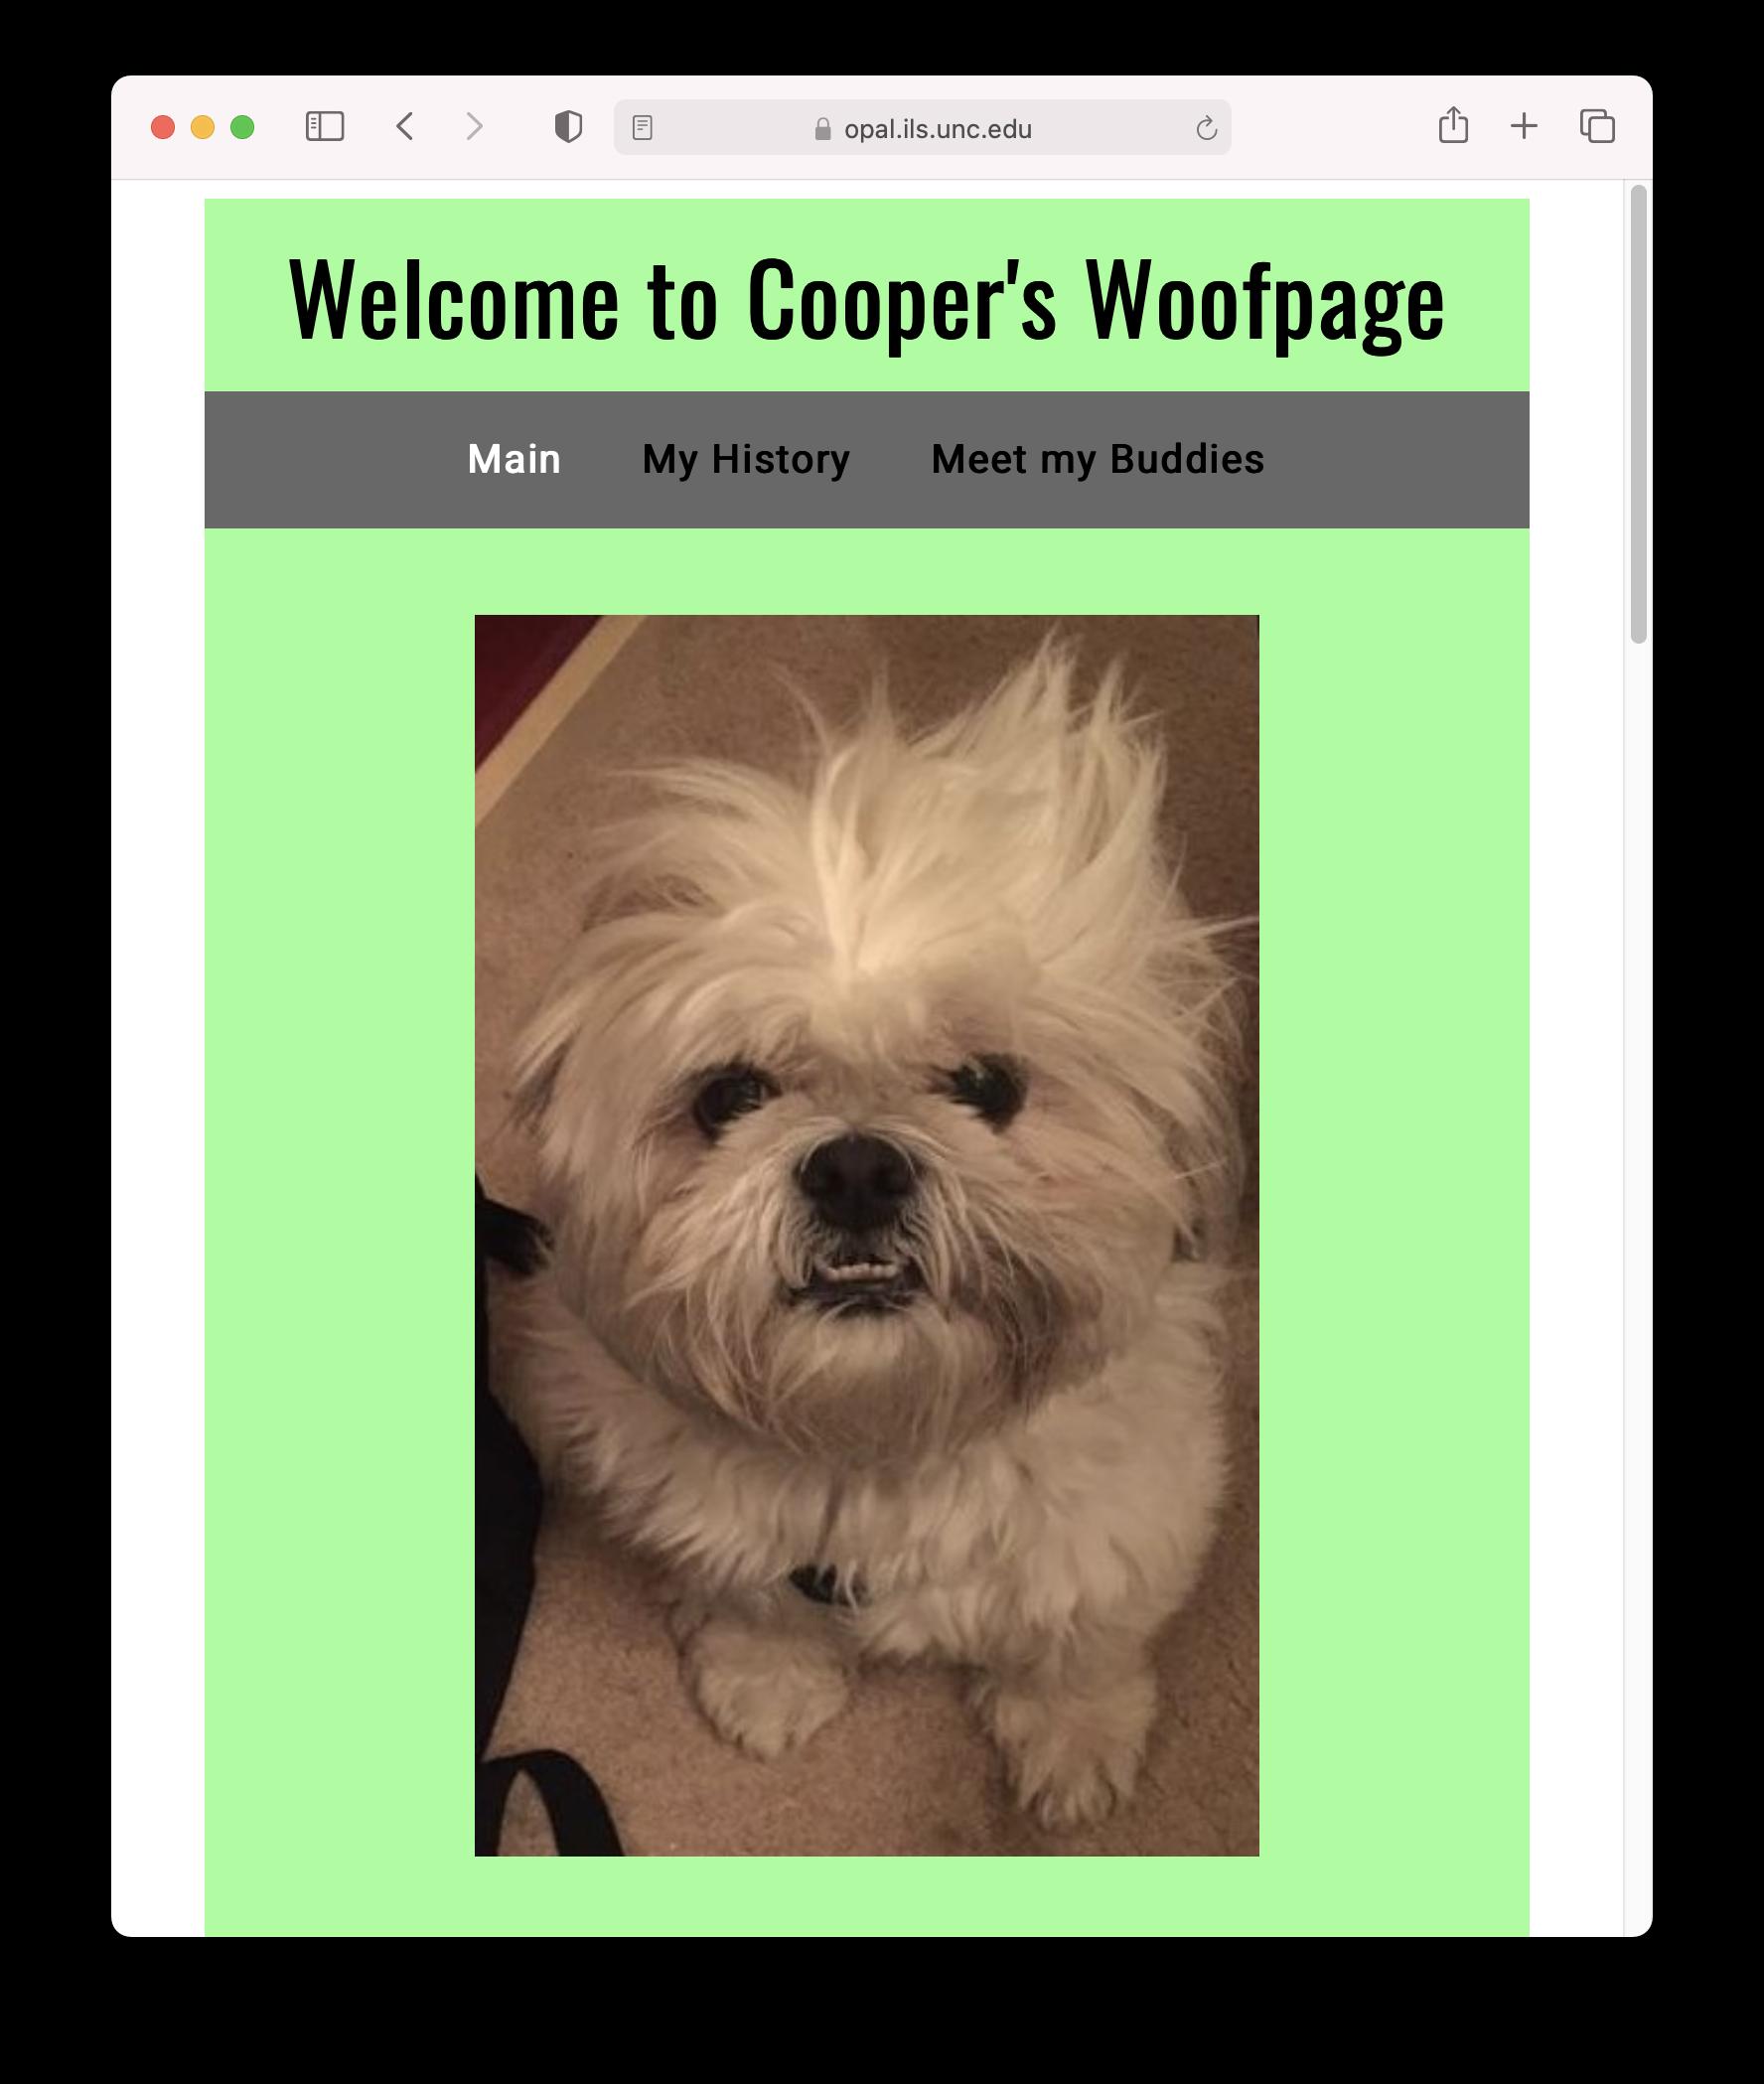 Screenshot of Cooper's website